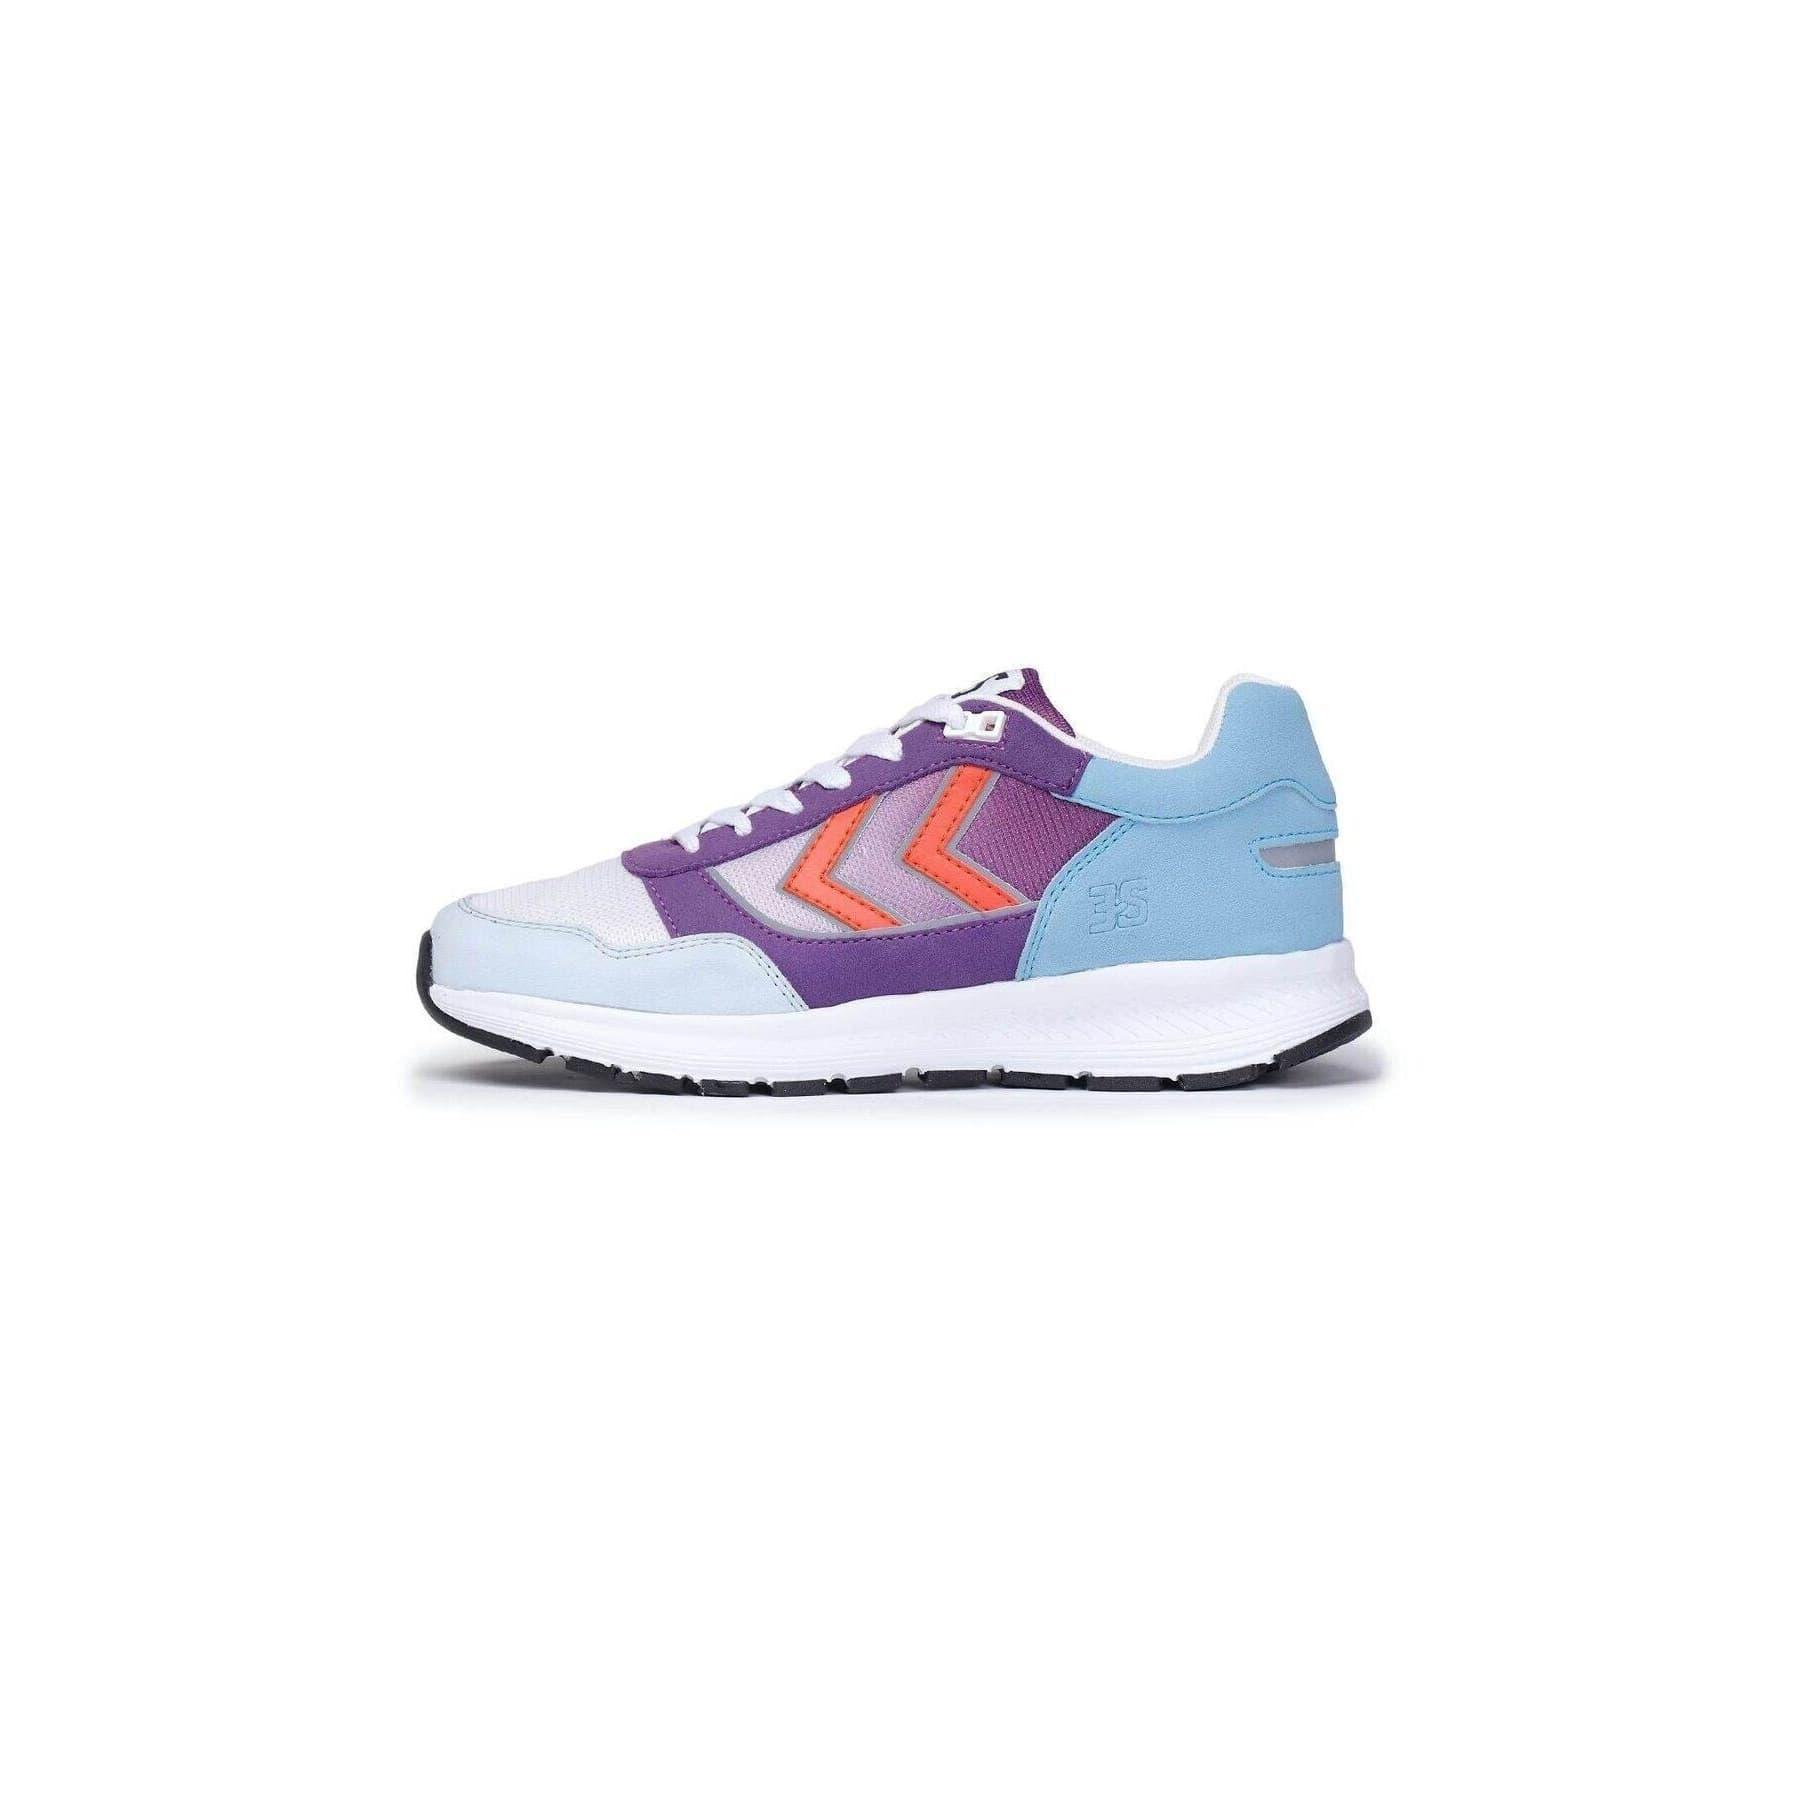 3S Gradient Kadın Mavi Spor Ayakkabı (212508-7986)